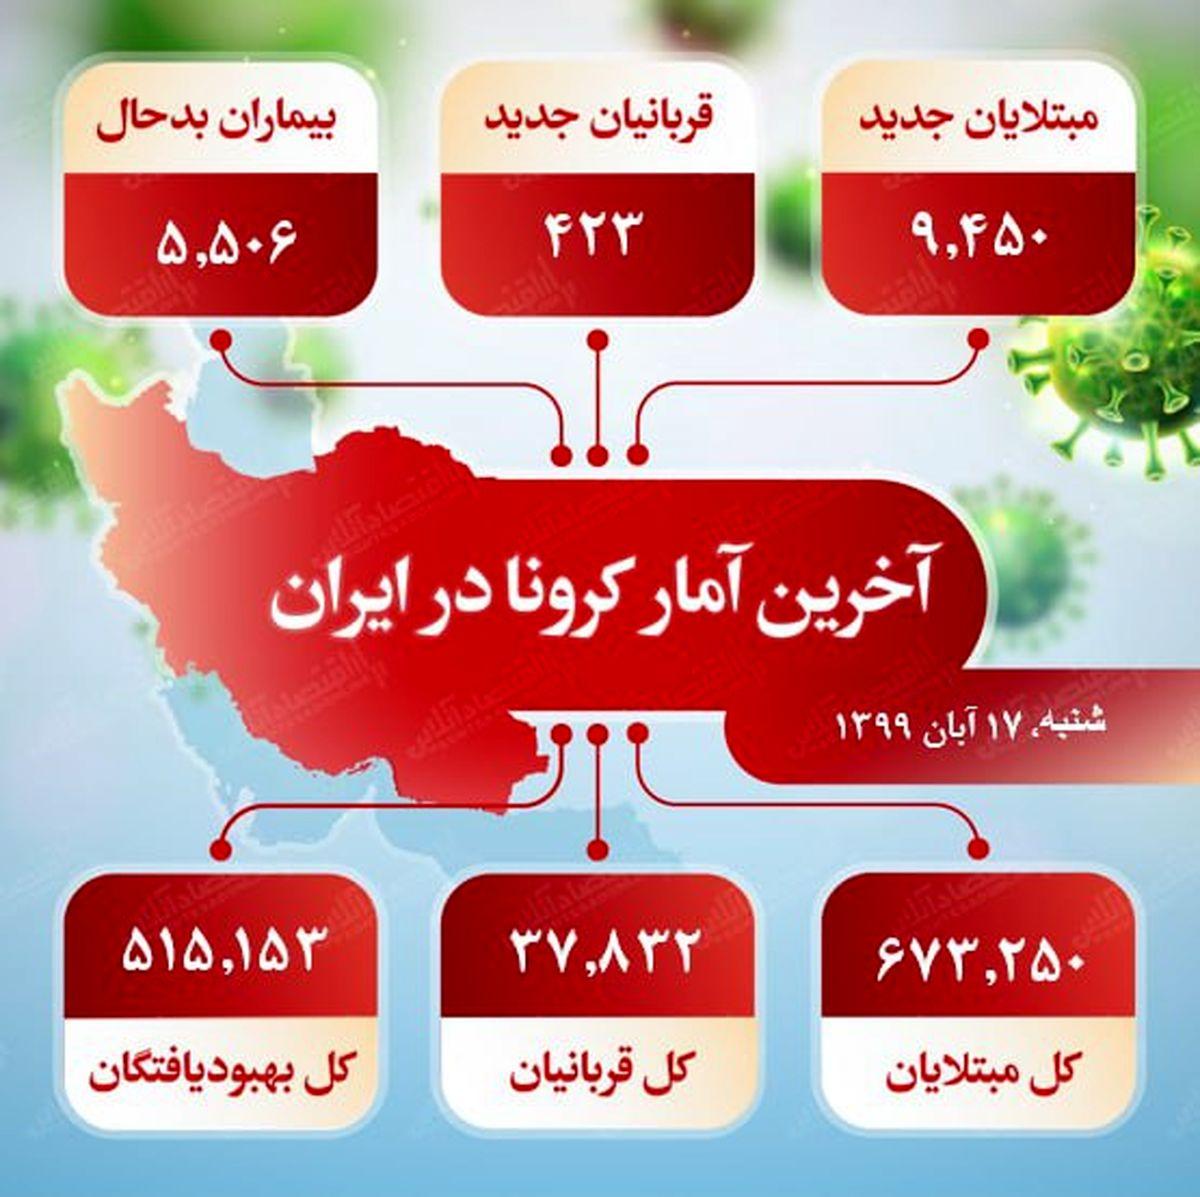 آخرین آمار کرونا در ایران (۹۹/۸/۱۷)